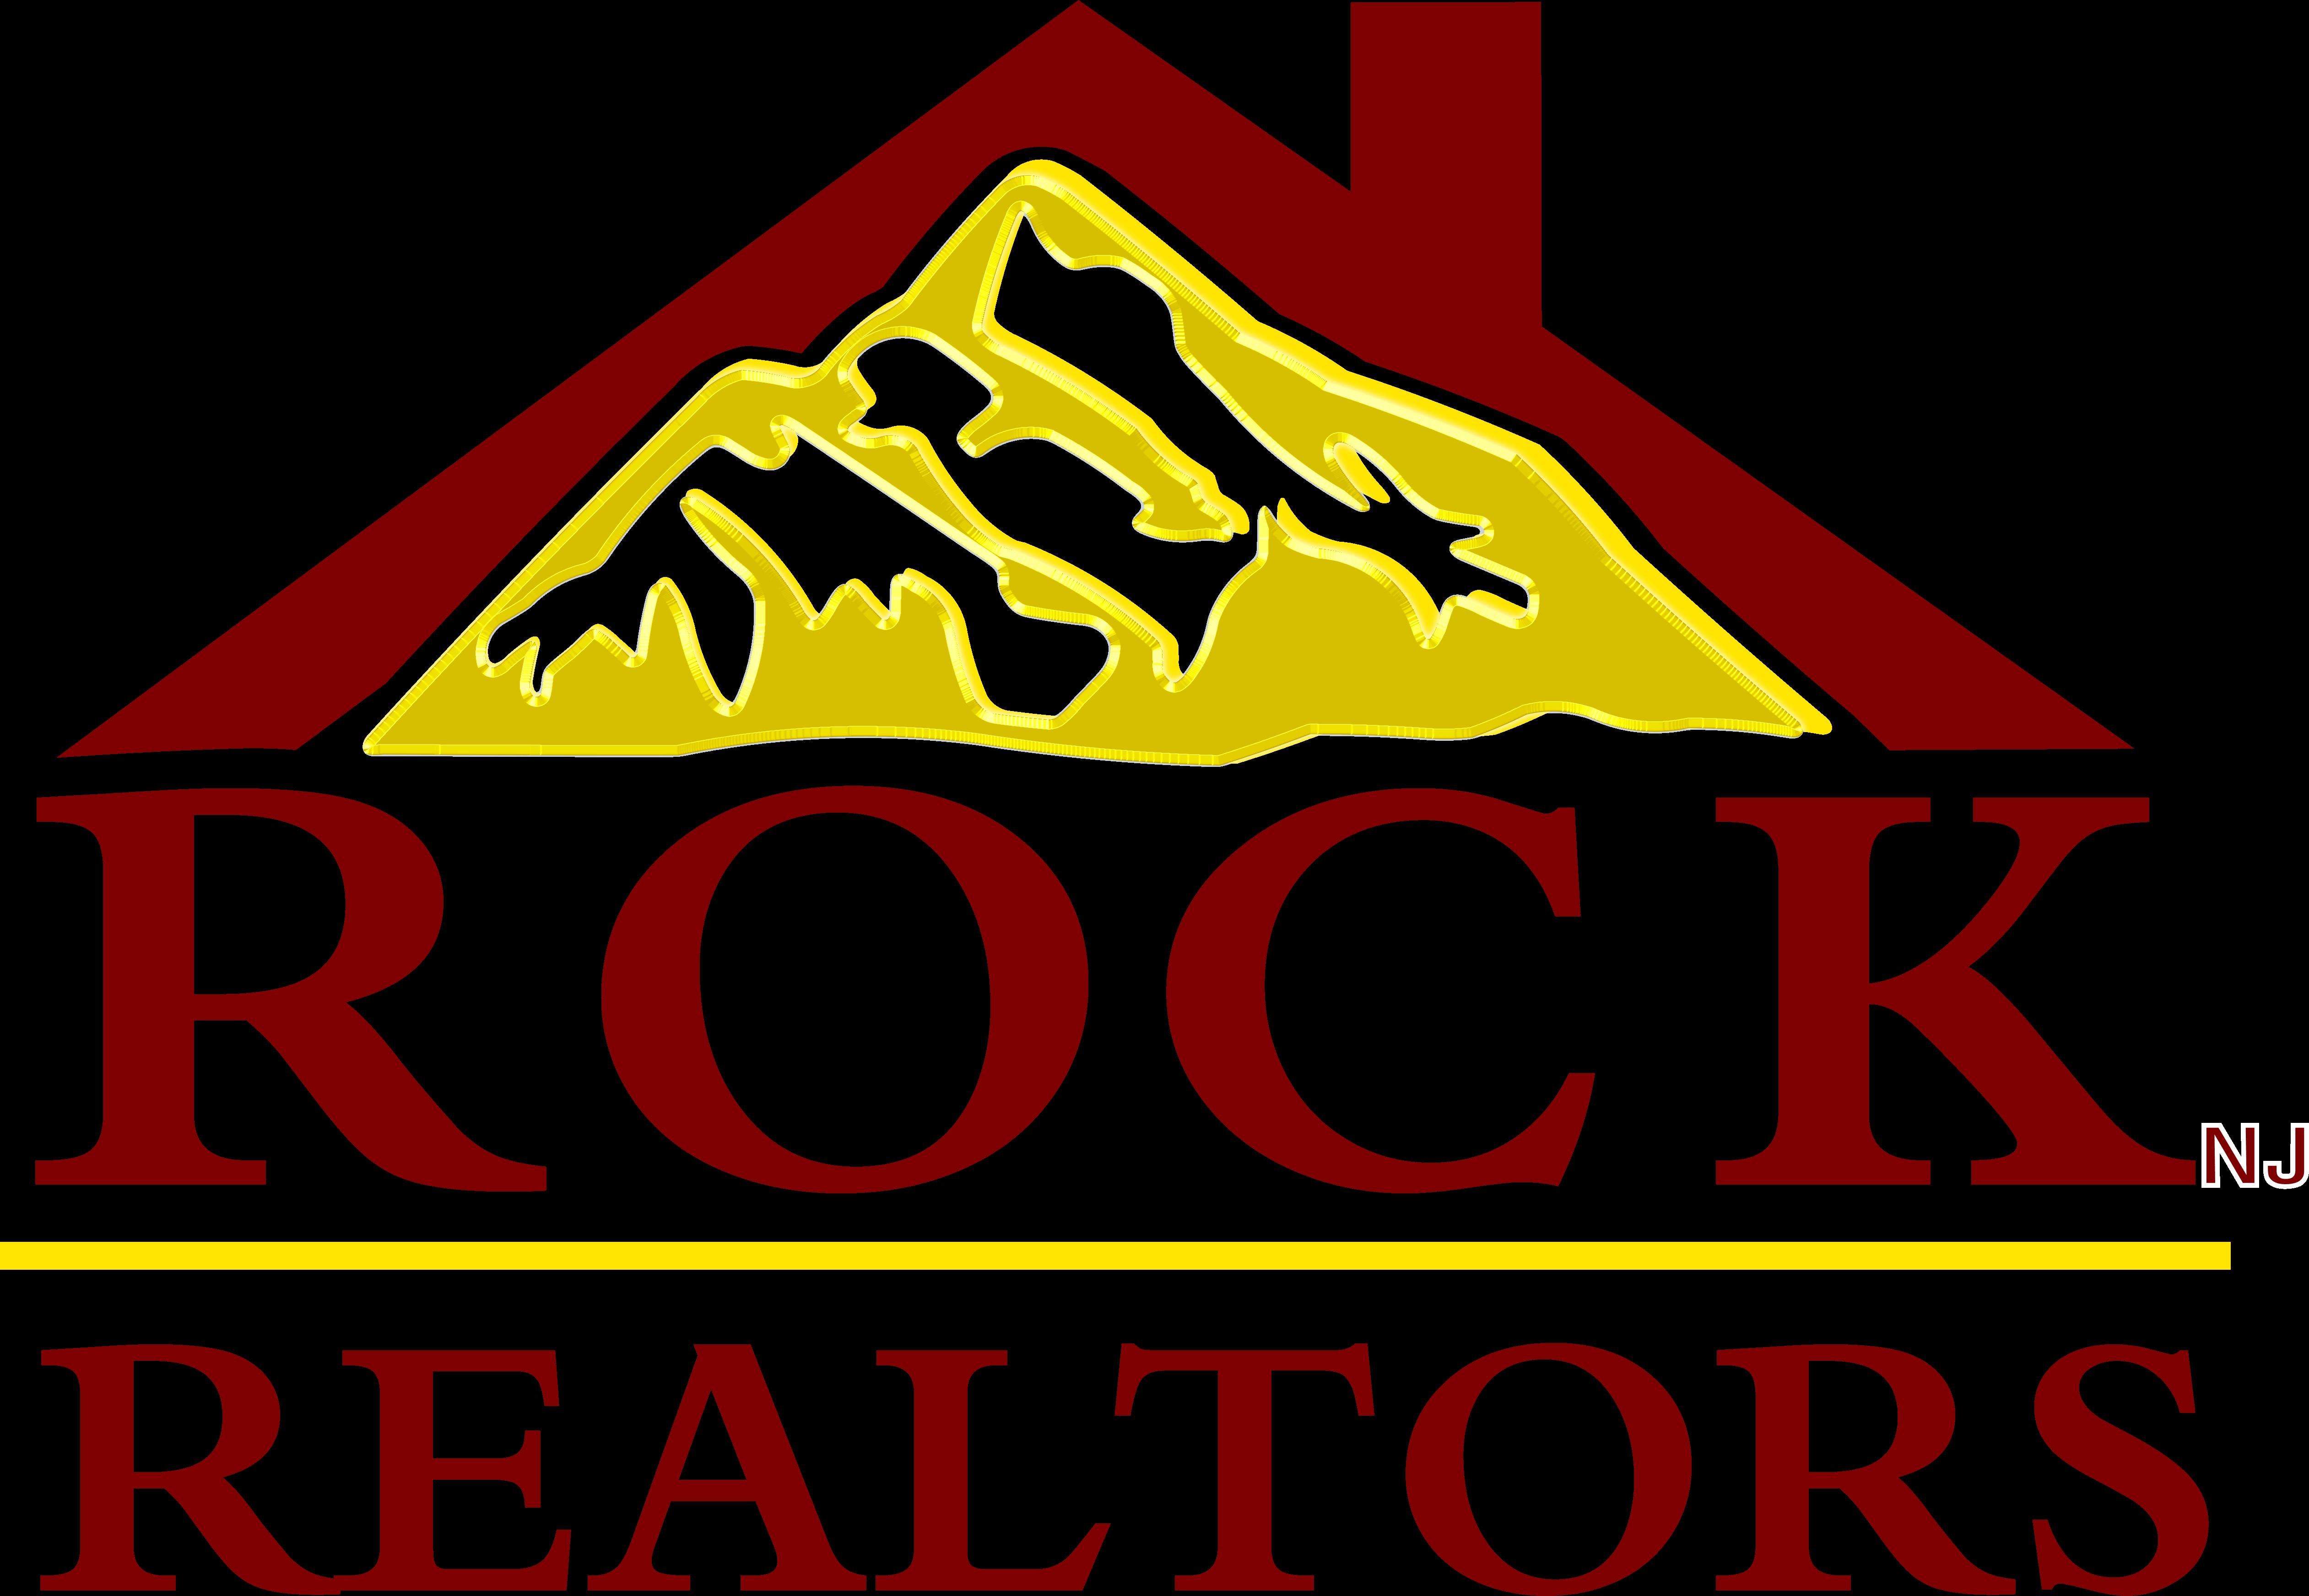 Rock Realtors NJ